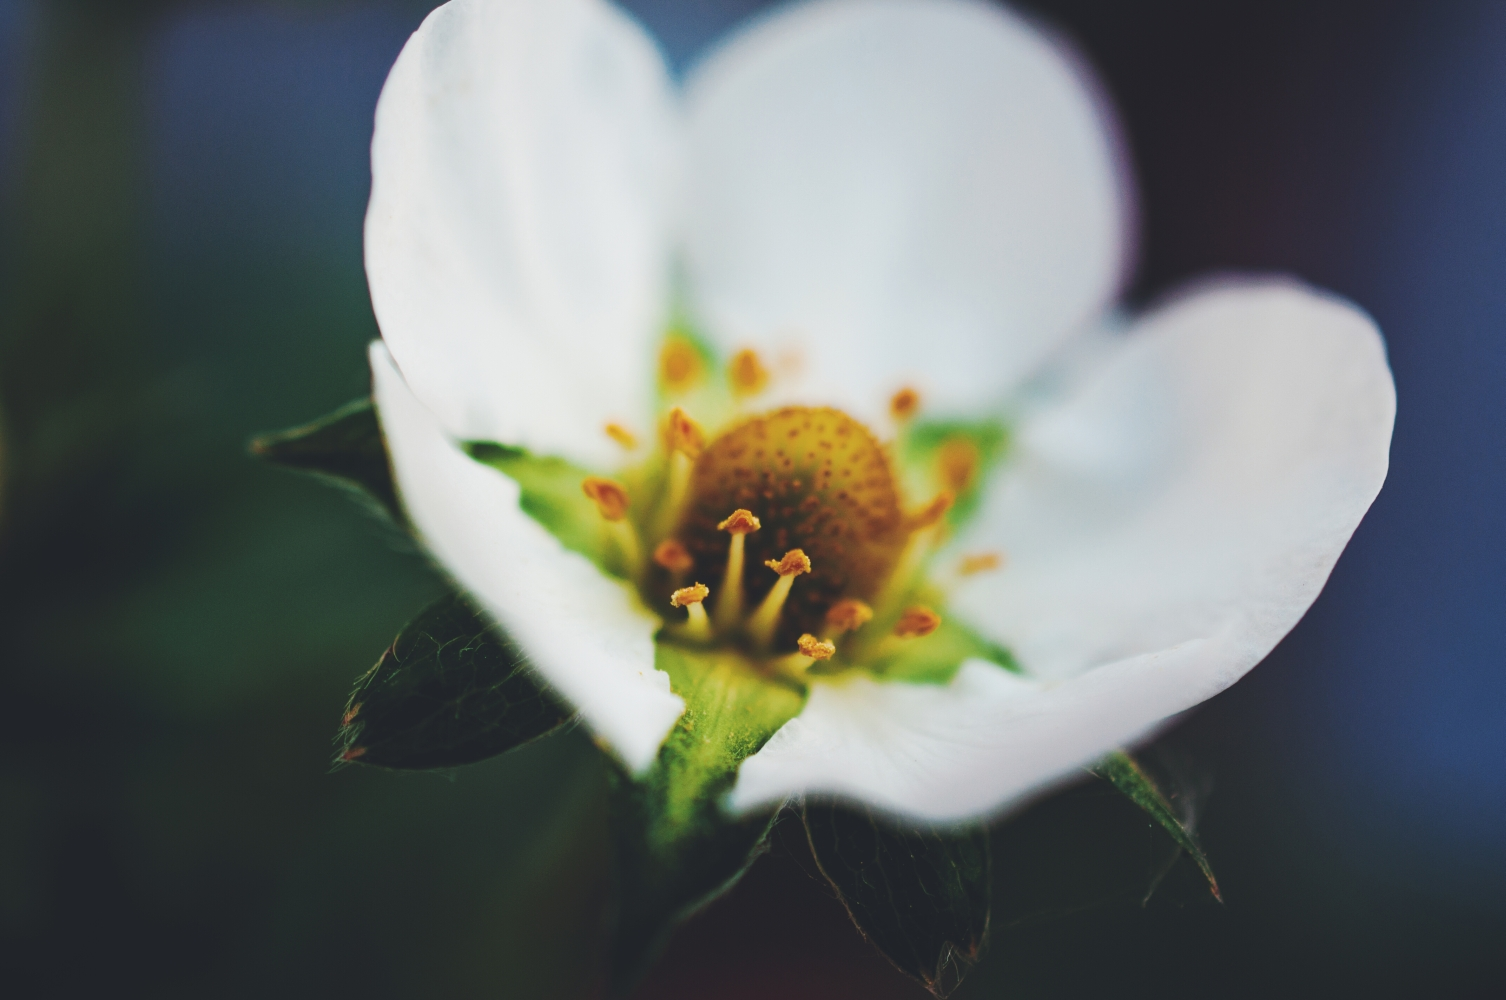 Strawberry Blossom